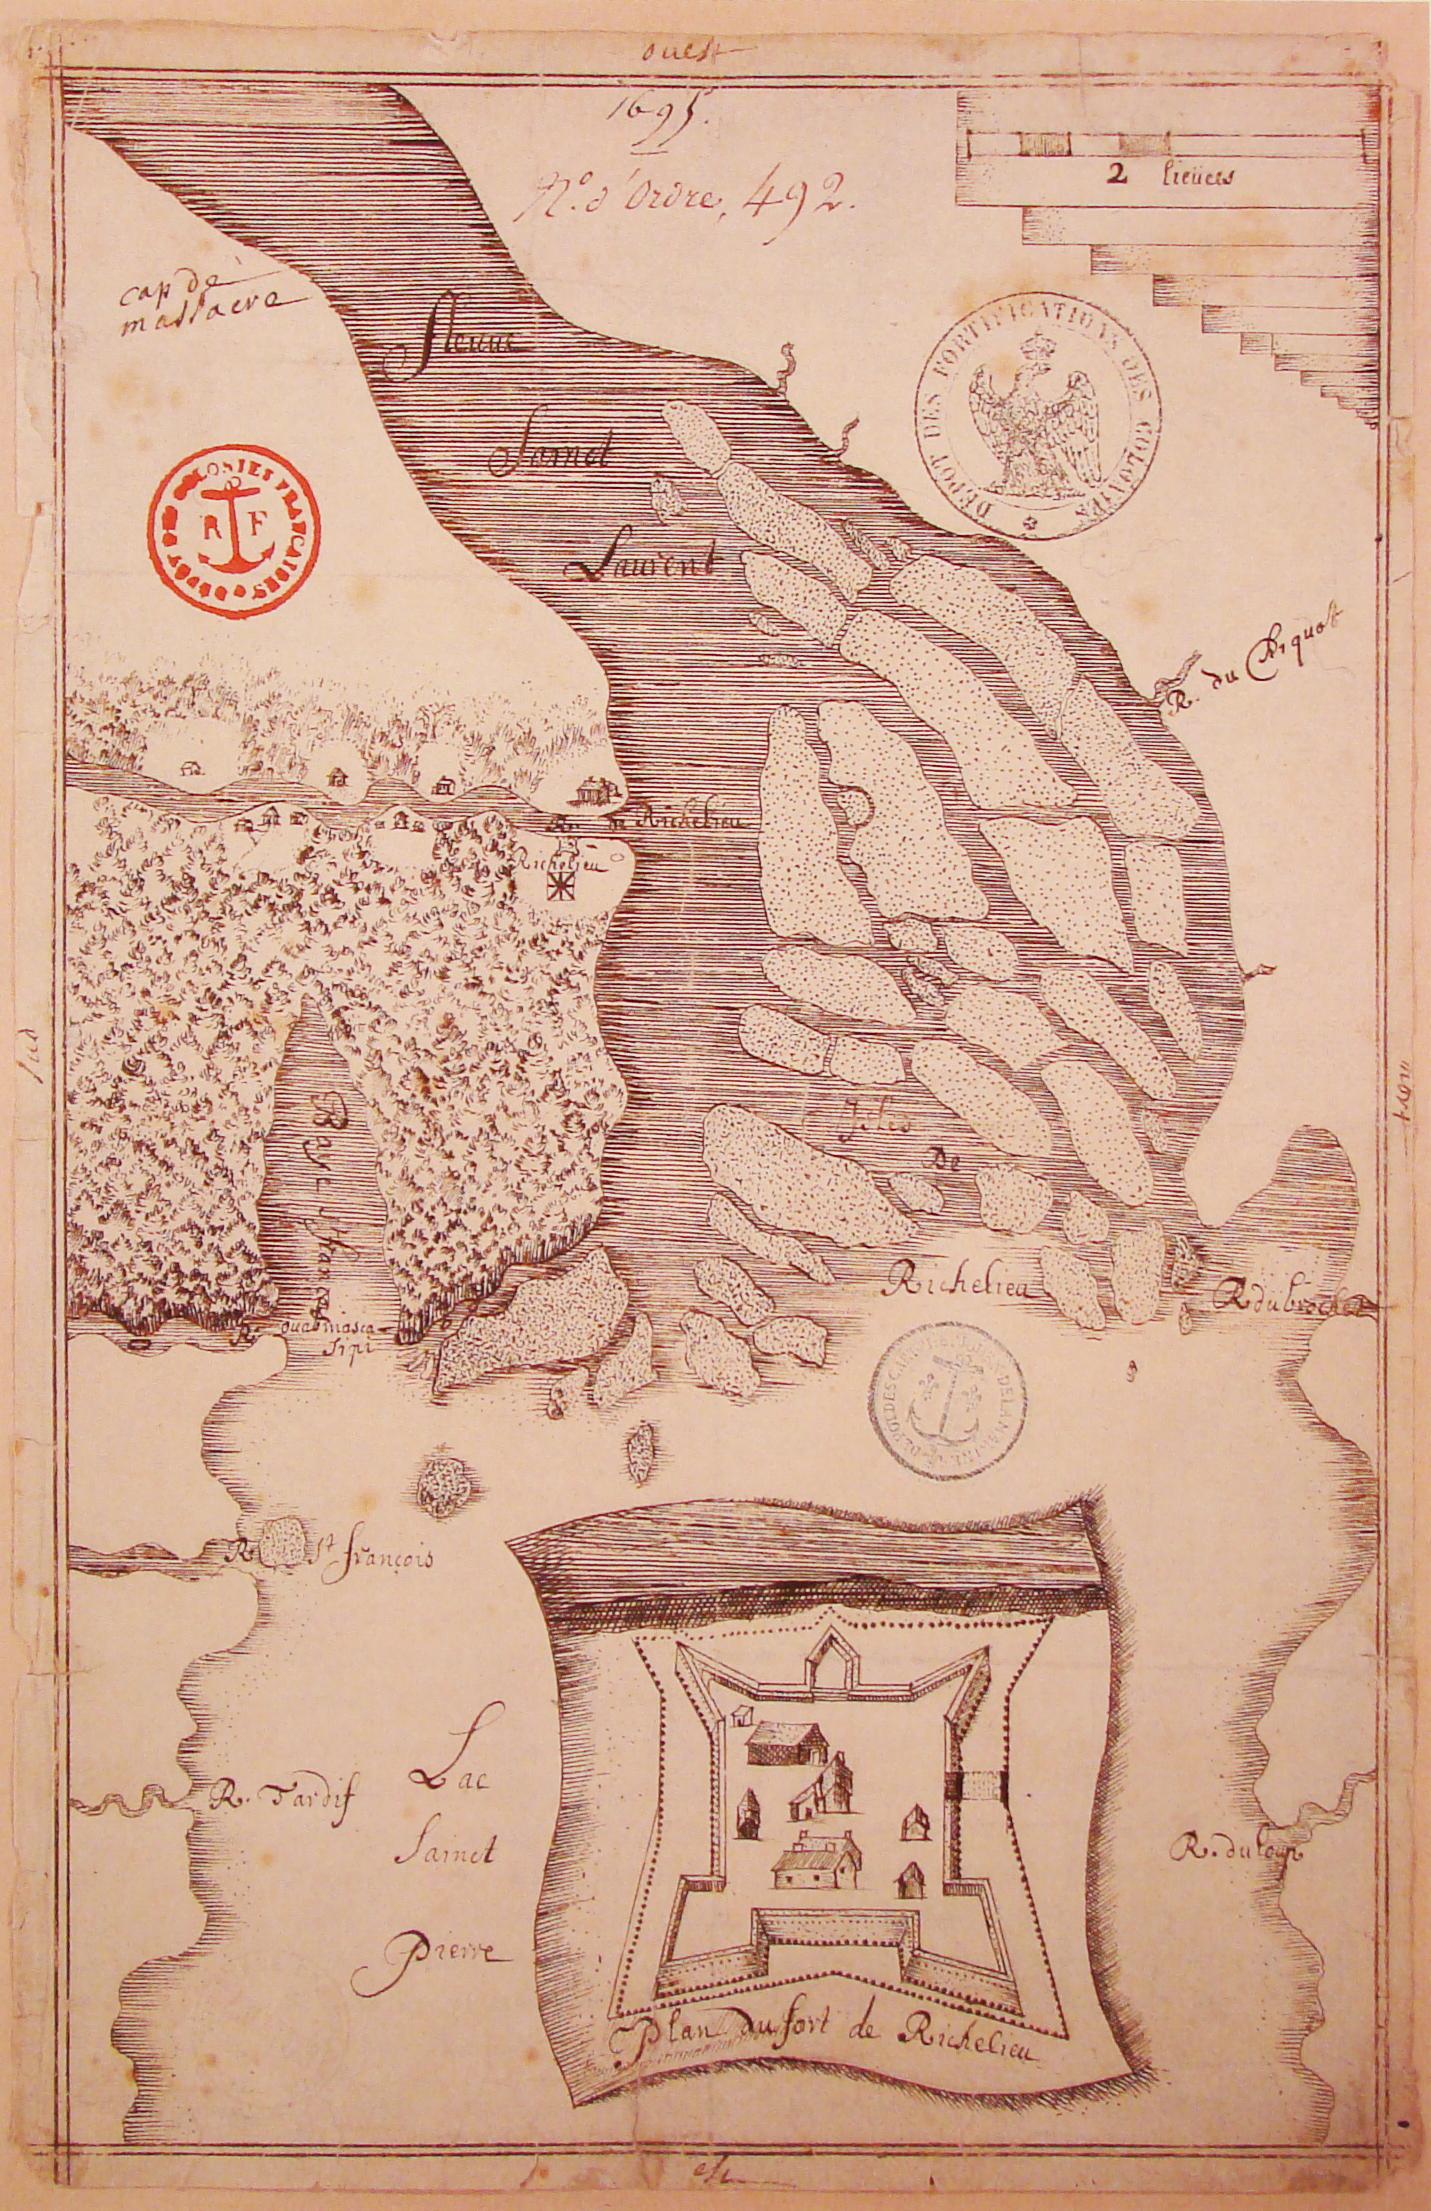 Crédit photo : Plan du Fort Richelieu (et environs). 1665. Archives Nationales d'Outre-Mer.